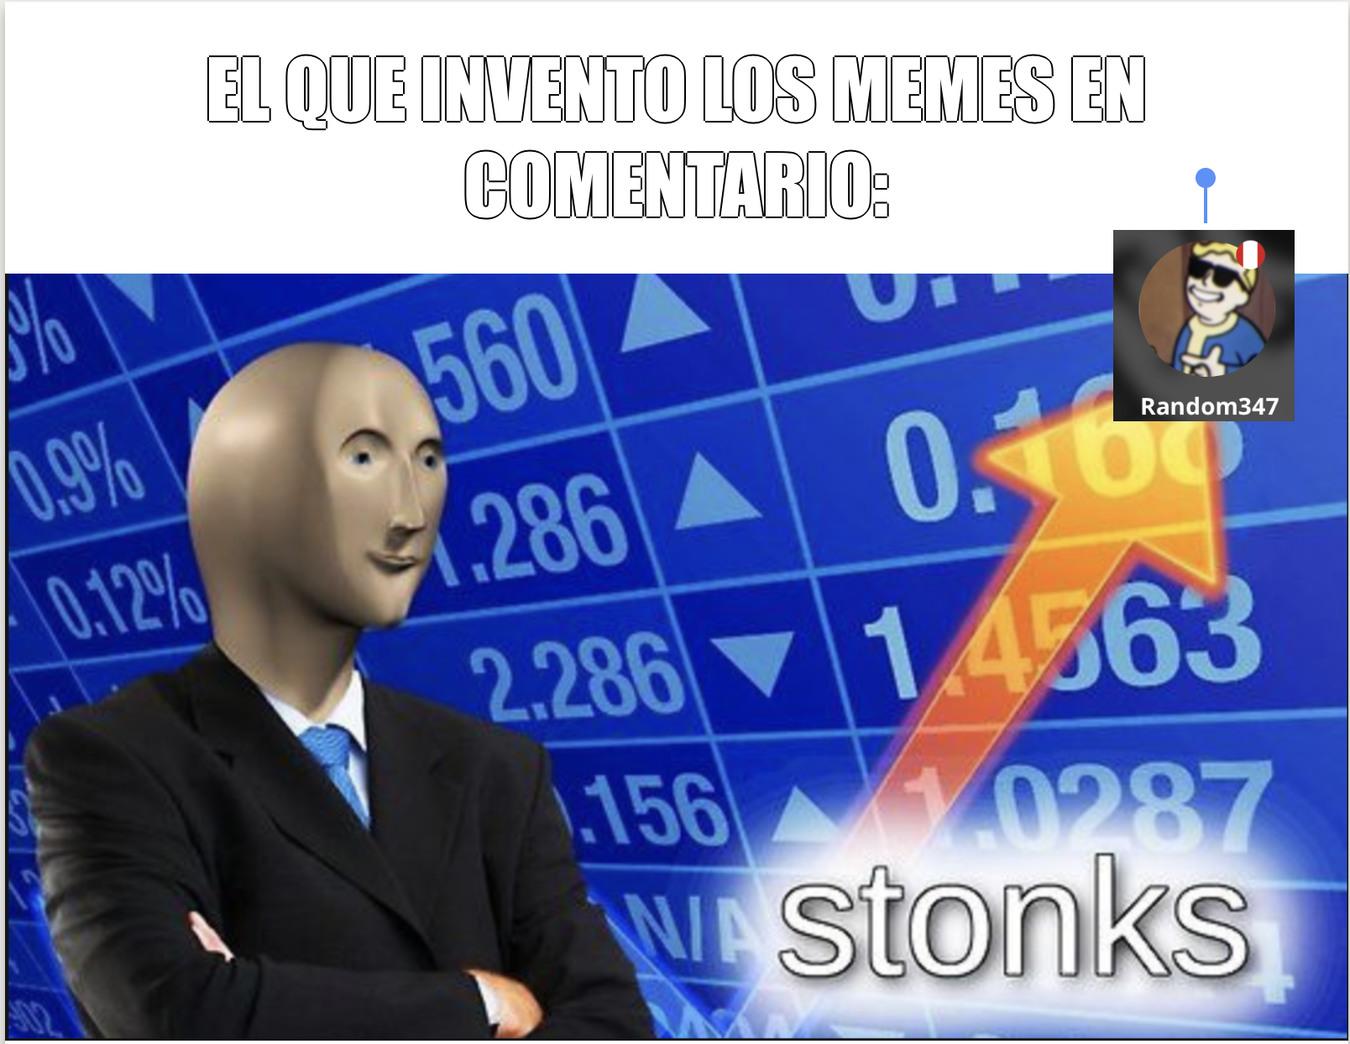 HE VUELTO DESPUES DE 2 DIAS - meme